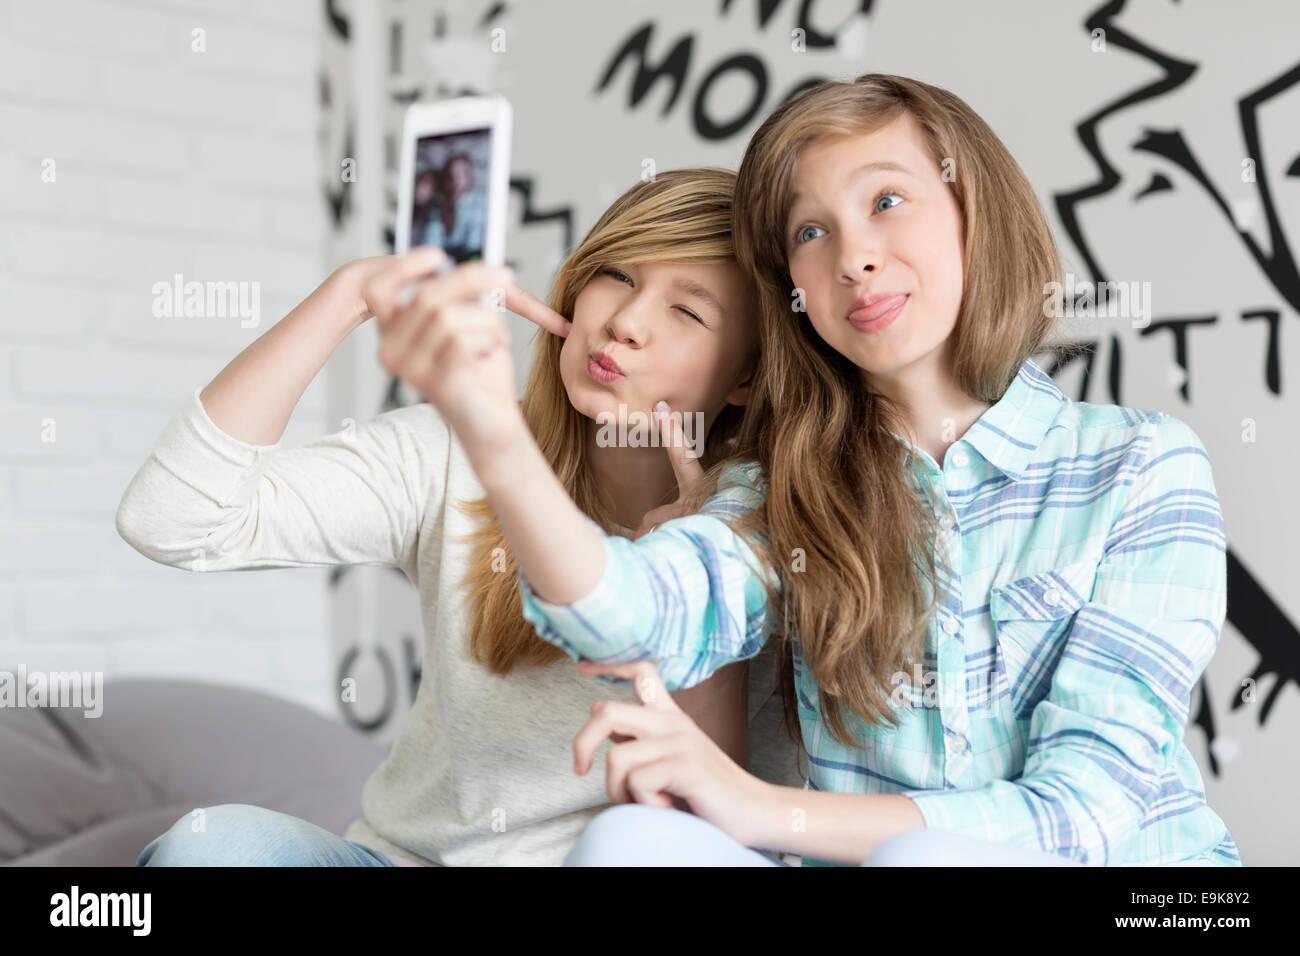 Cute hermanas faneca mientras toma fotos con el teléfono inteligente en casa Imagen De Stock